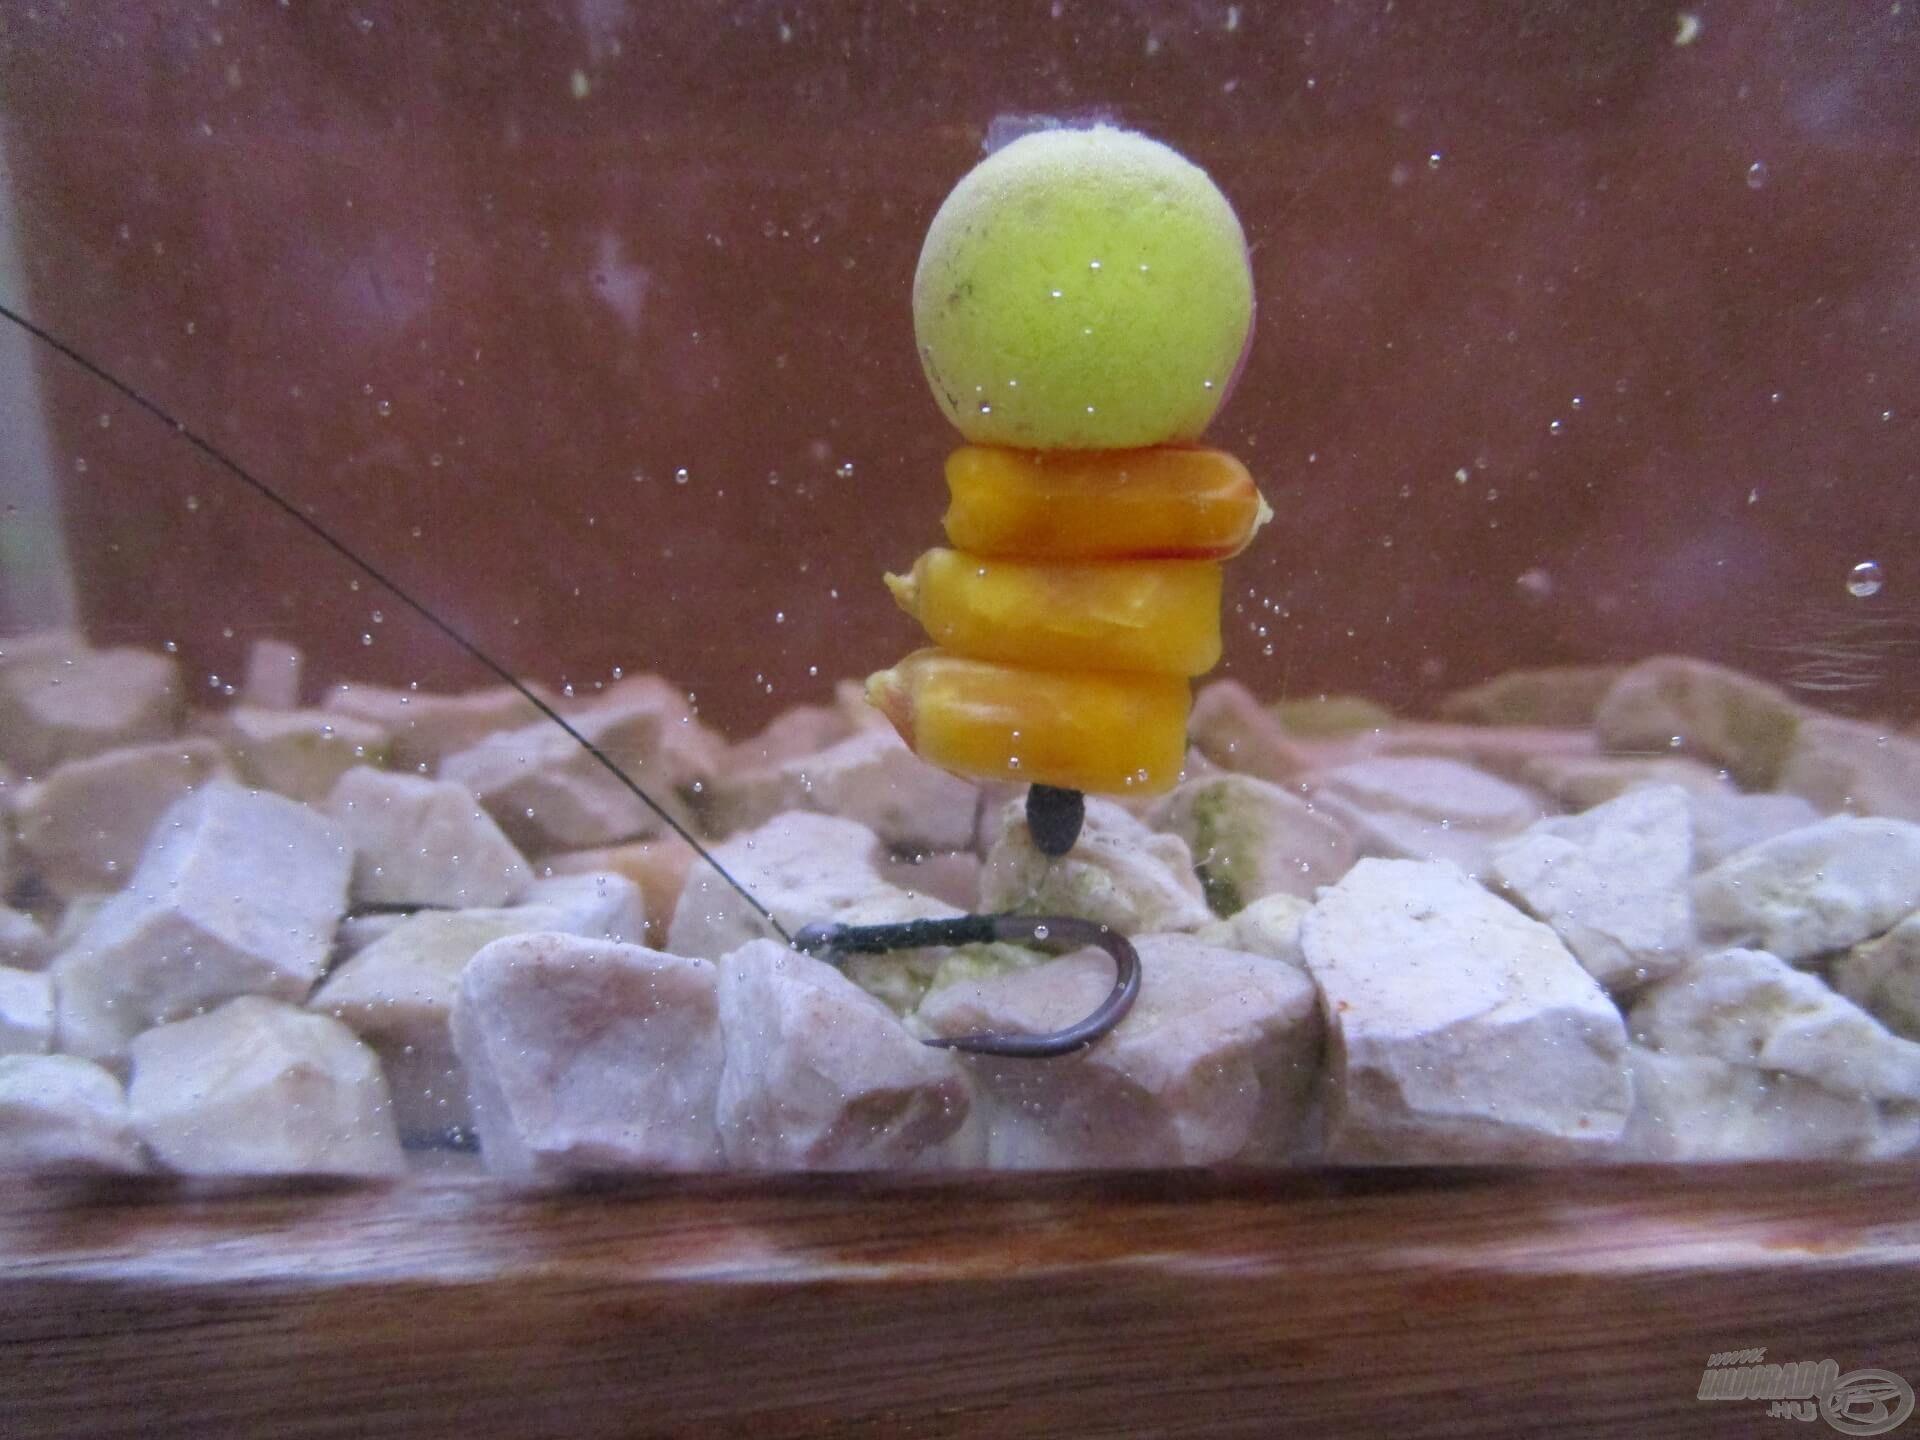 A 6-os méretű Korum Specimen horgot ilyen és ehhez hasonló kombinációkhoz szoktam használni, kifejezetten nagy halakra. A 14 mm-es pop-up szépen megemeli a kukoricafüzért